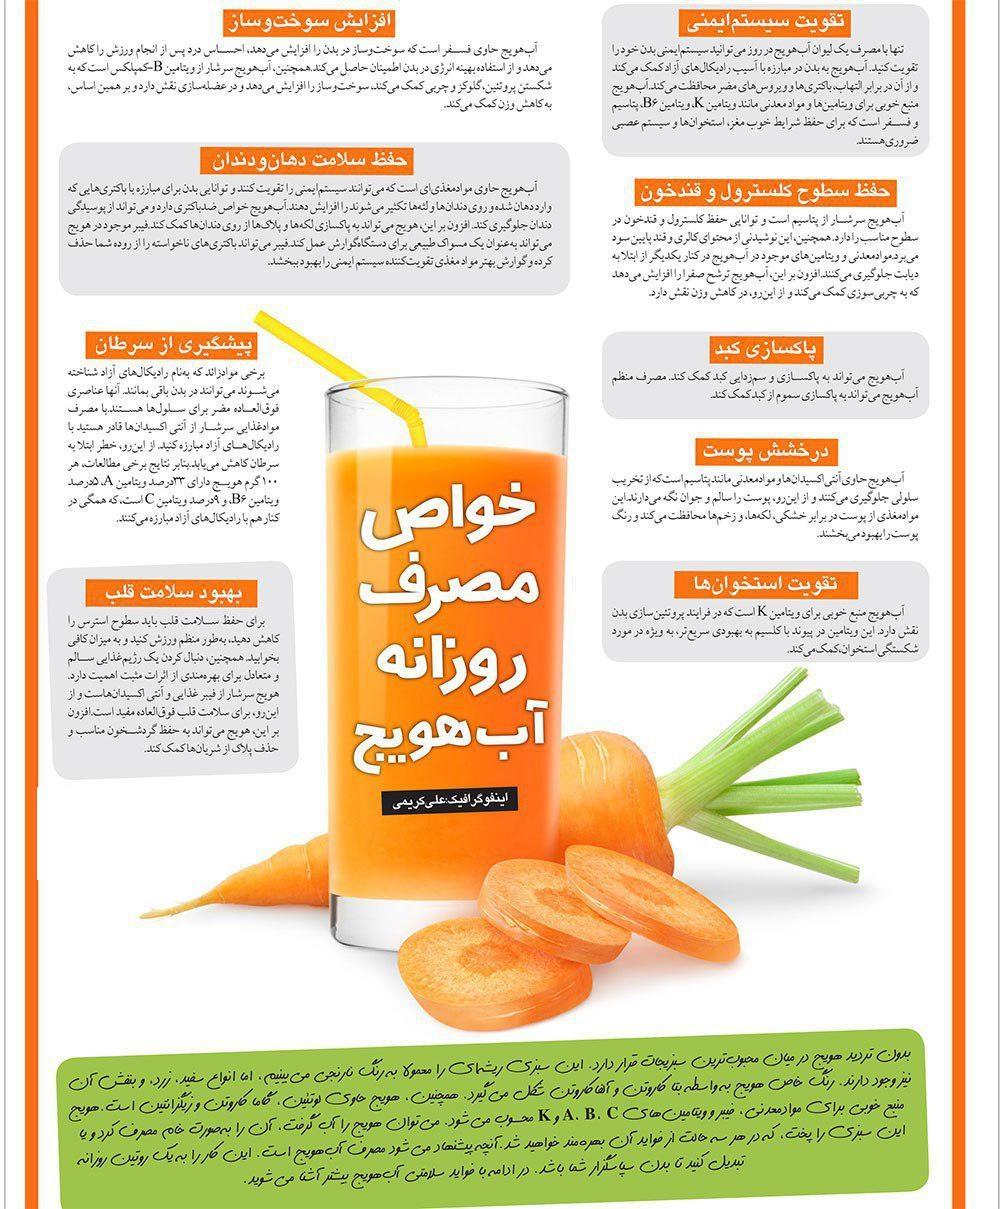 اکسیر سلامتی را با هویج بدست آورید+ اینفوگرافیک